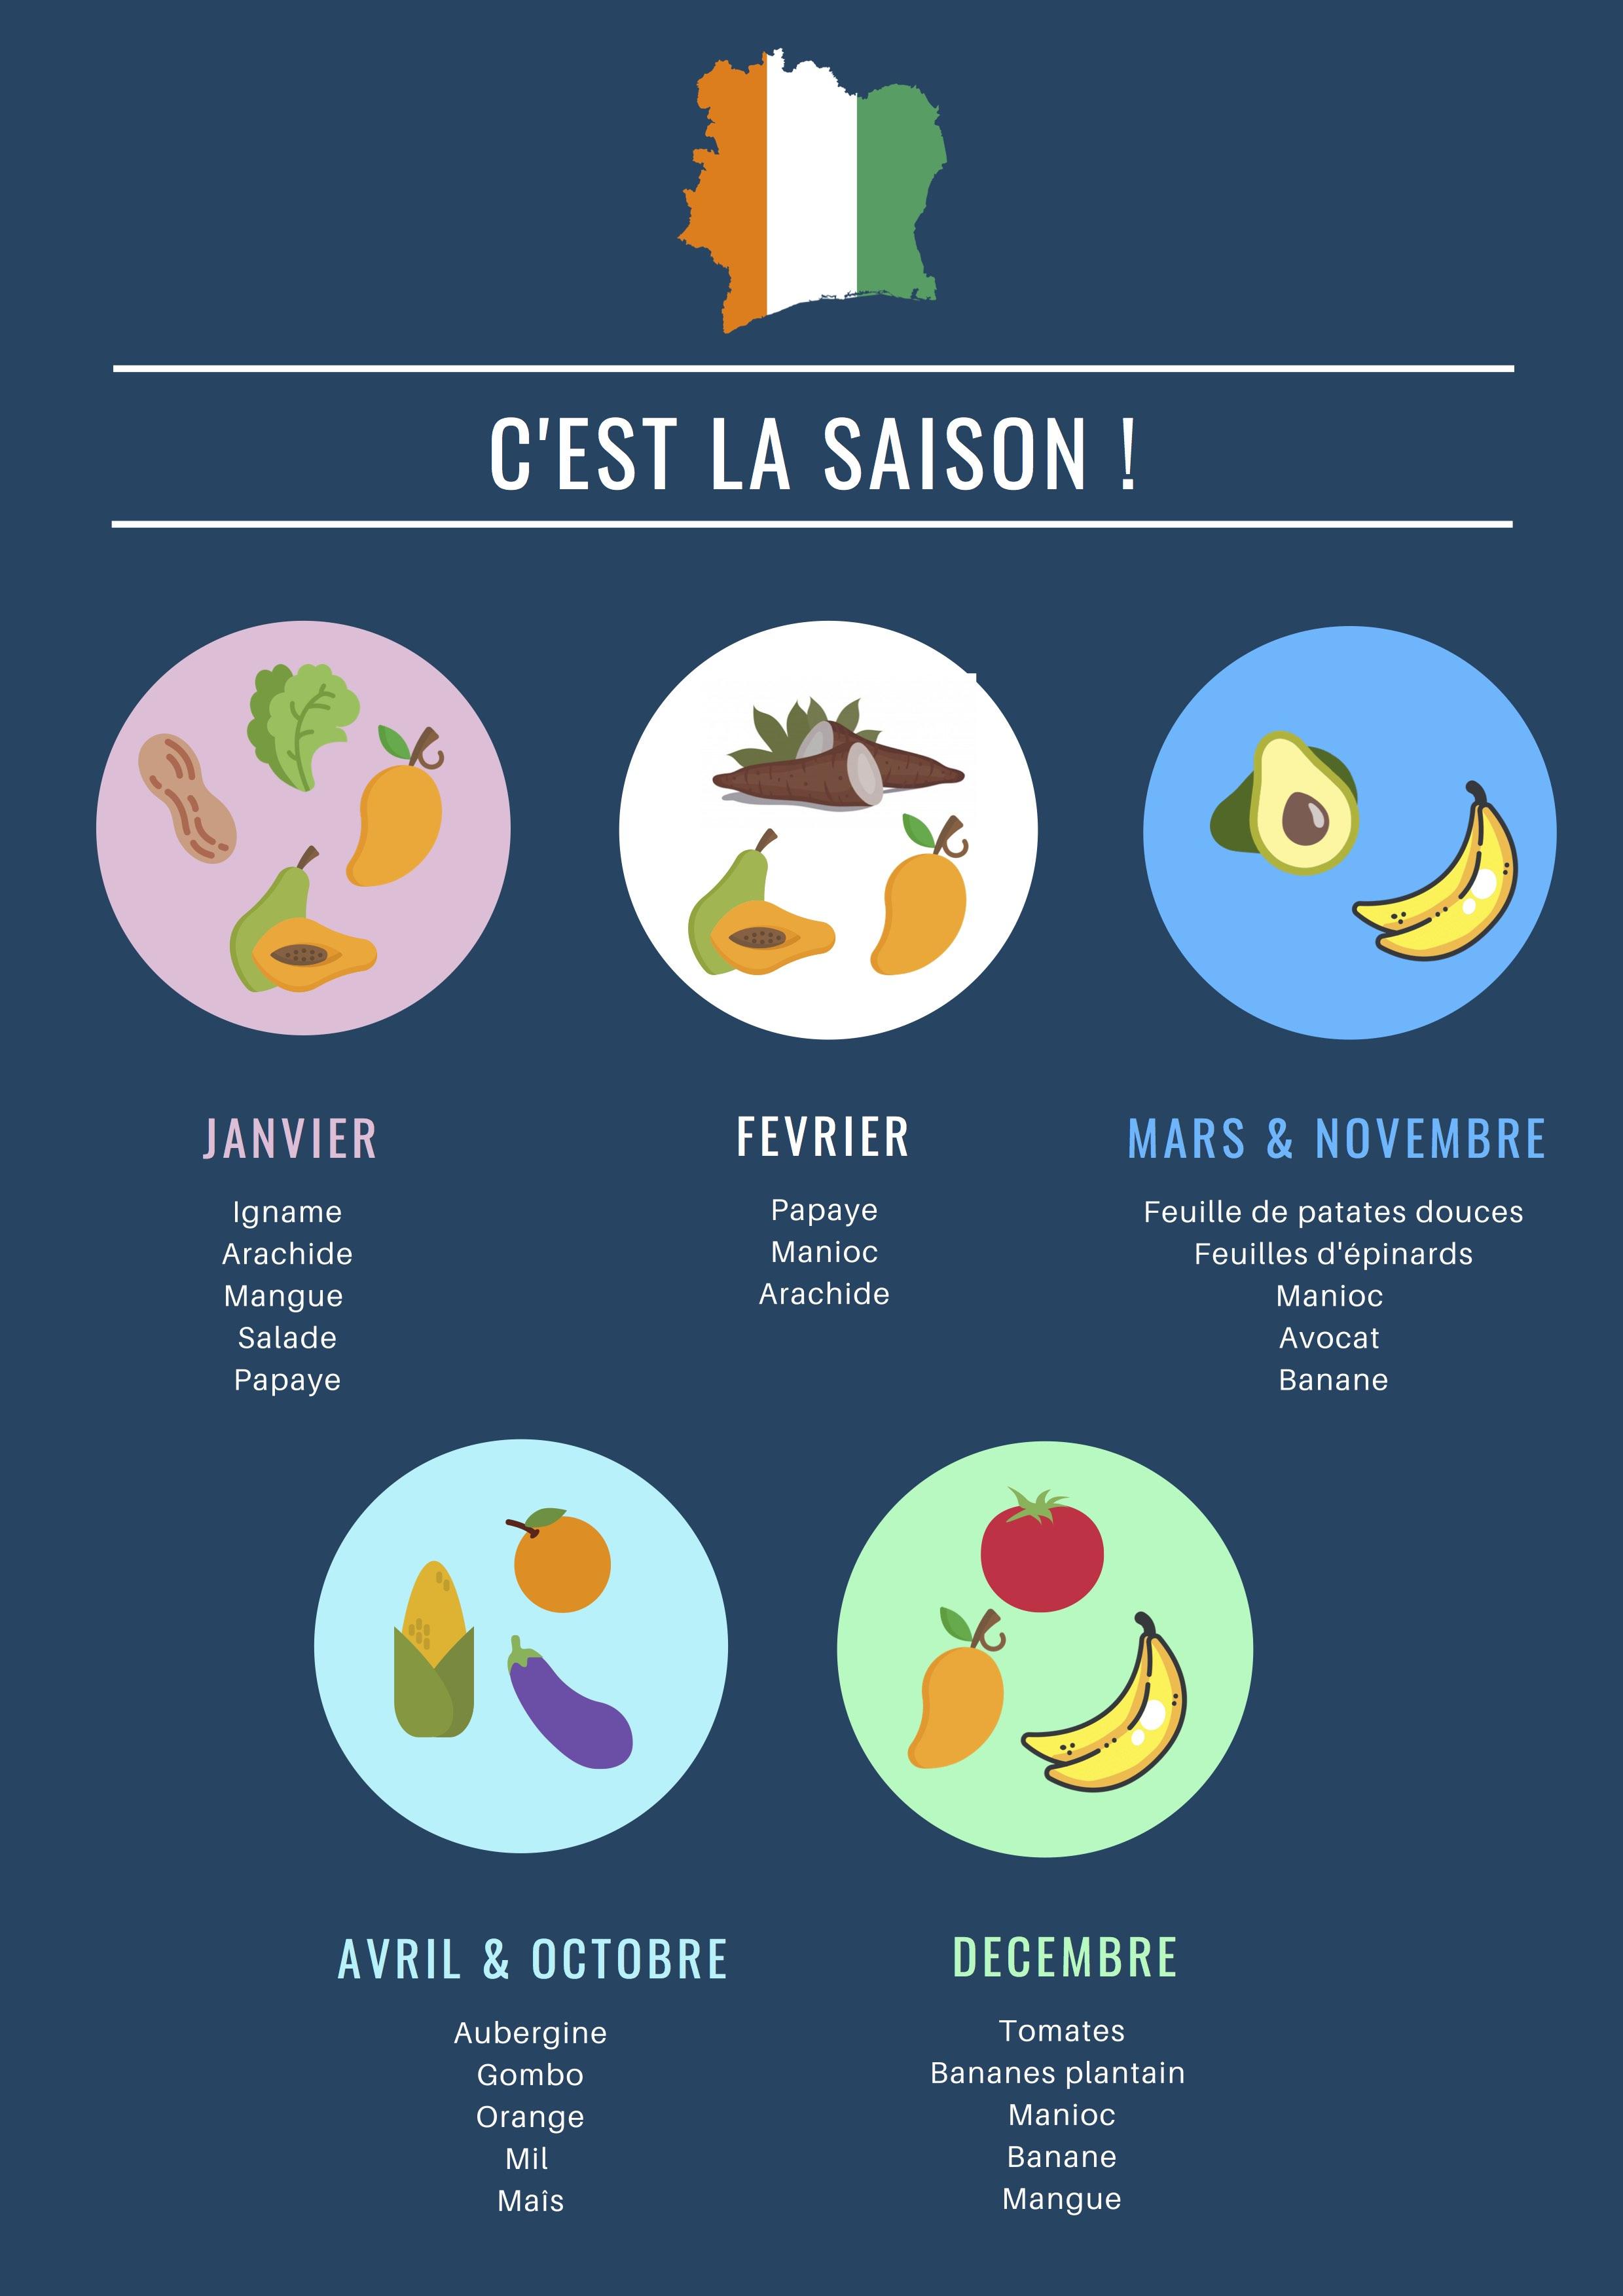 Les Fruits Et Légumes De Saison En Côte D'ivoire serapportantà Chanson Sur Les Fruits Et Légumes